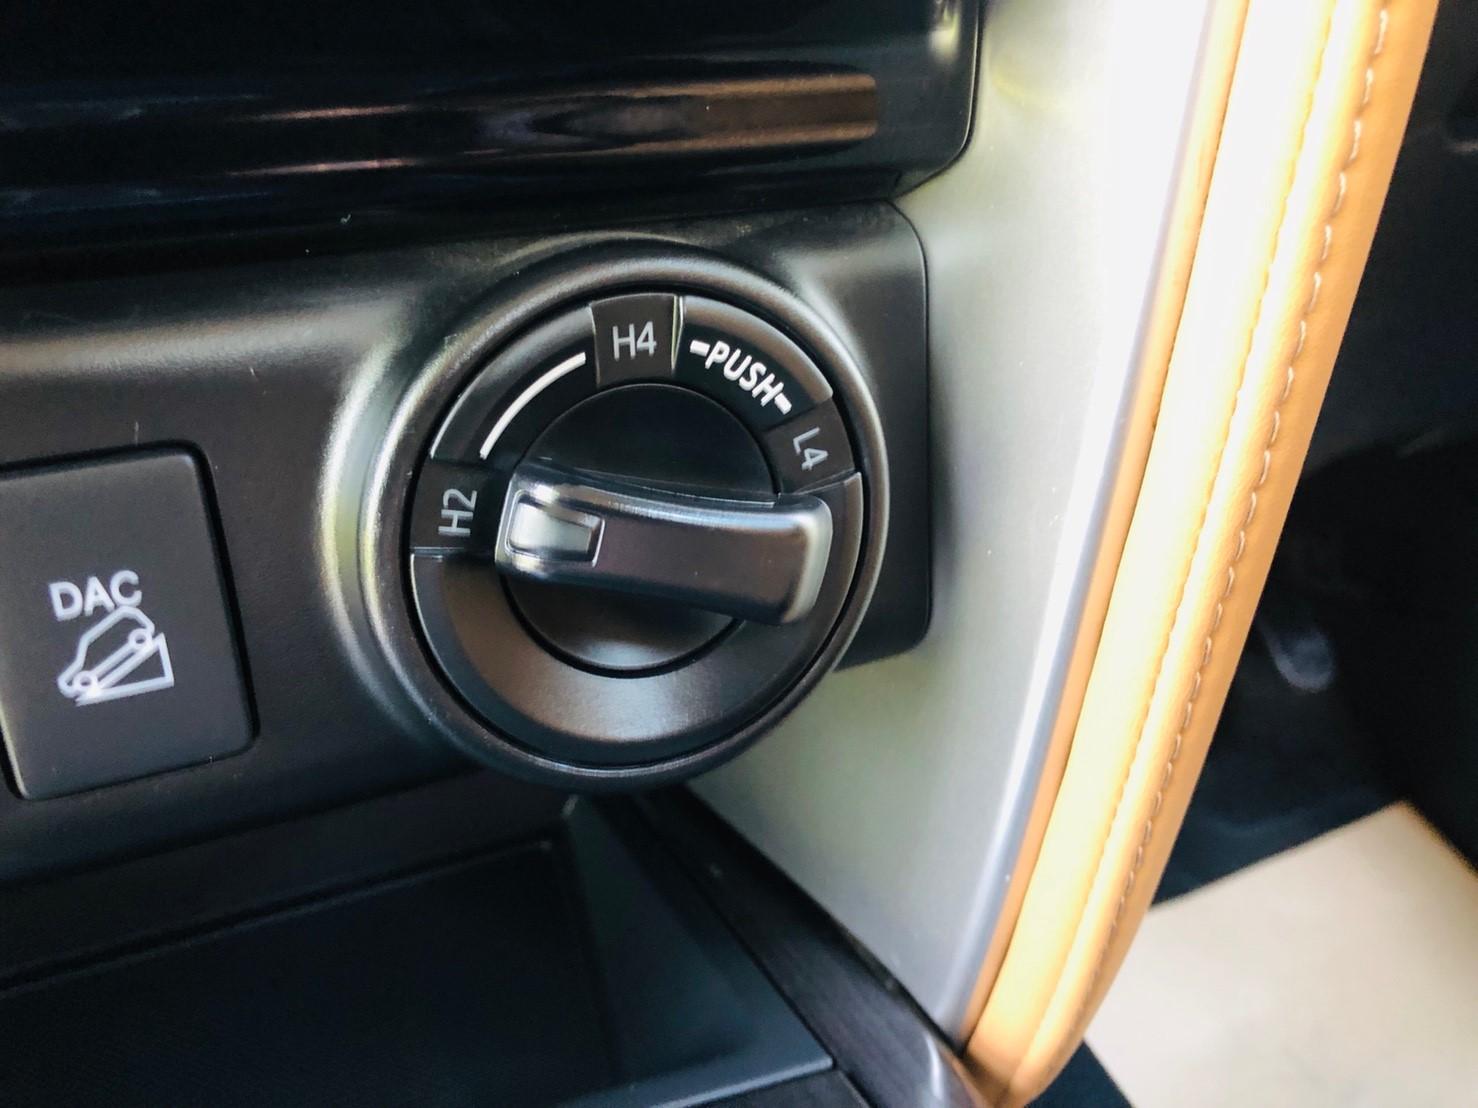 ภาพตัวระบบขับเคลื่อน 4 ล้อ โตโยต้า ฟอร์จูนเนอร์ 2.8 V 4WD ปี 2016